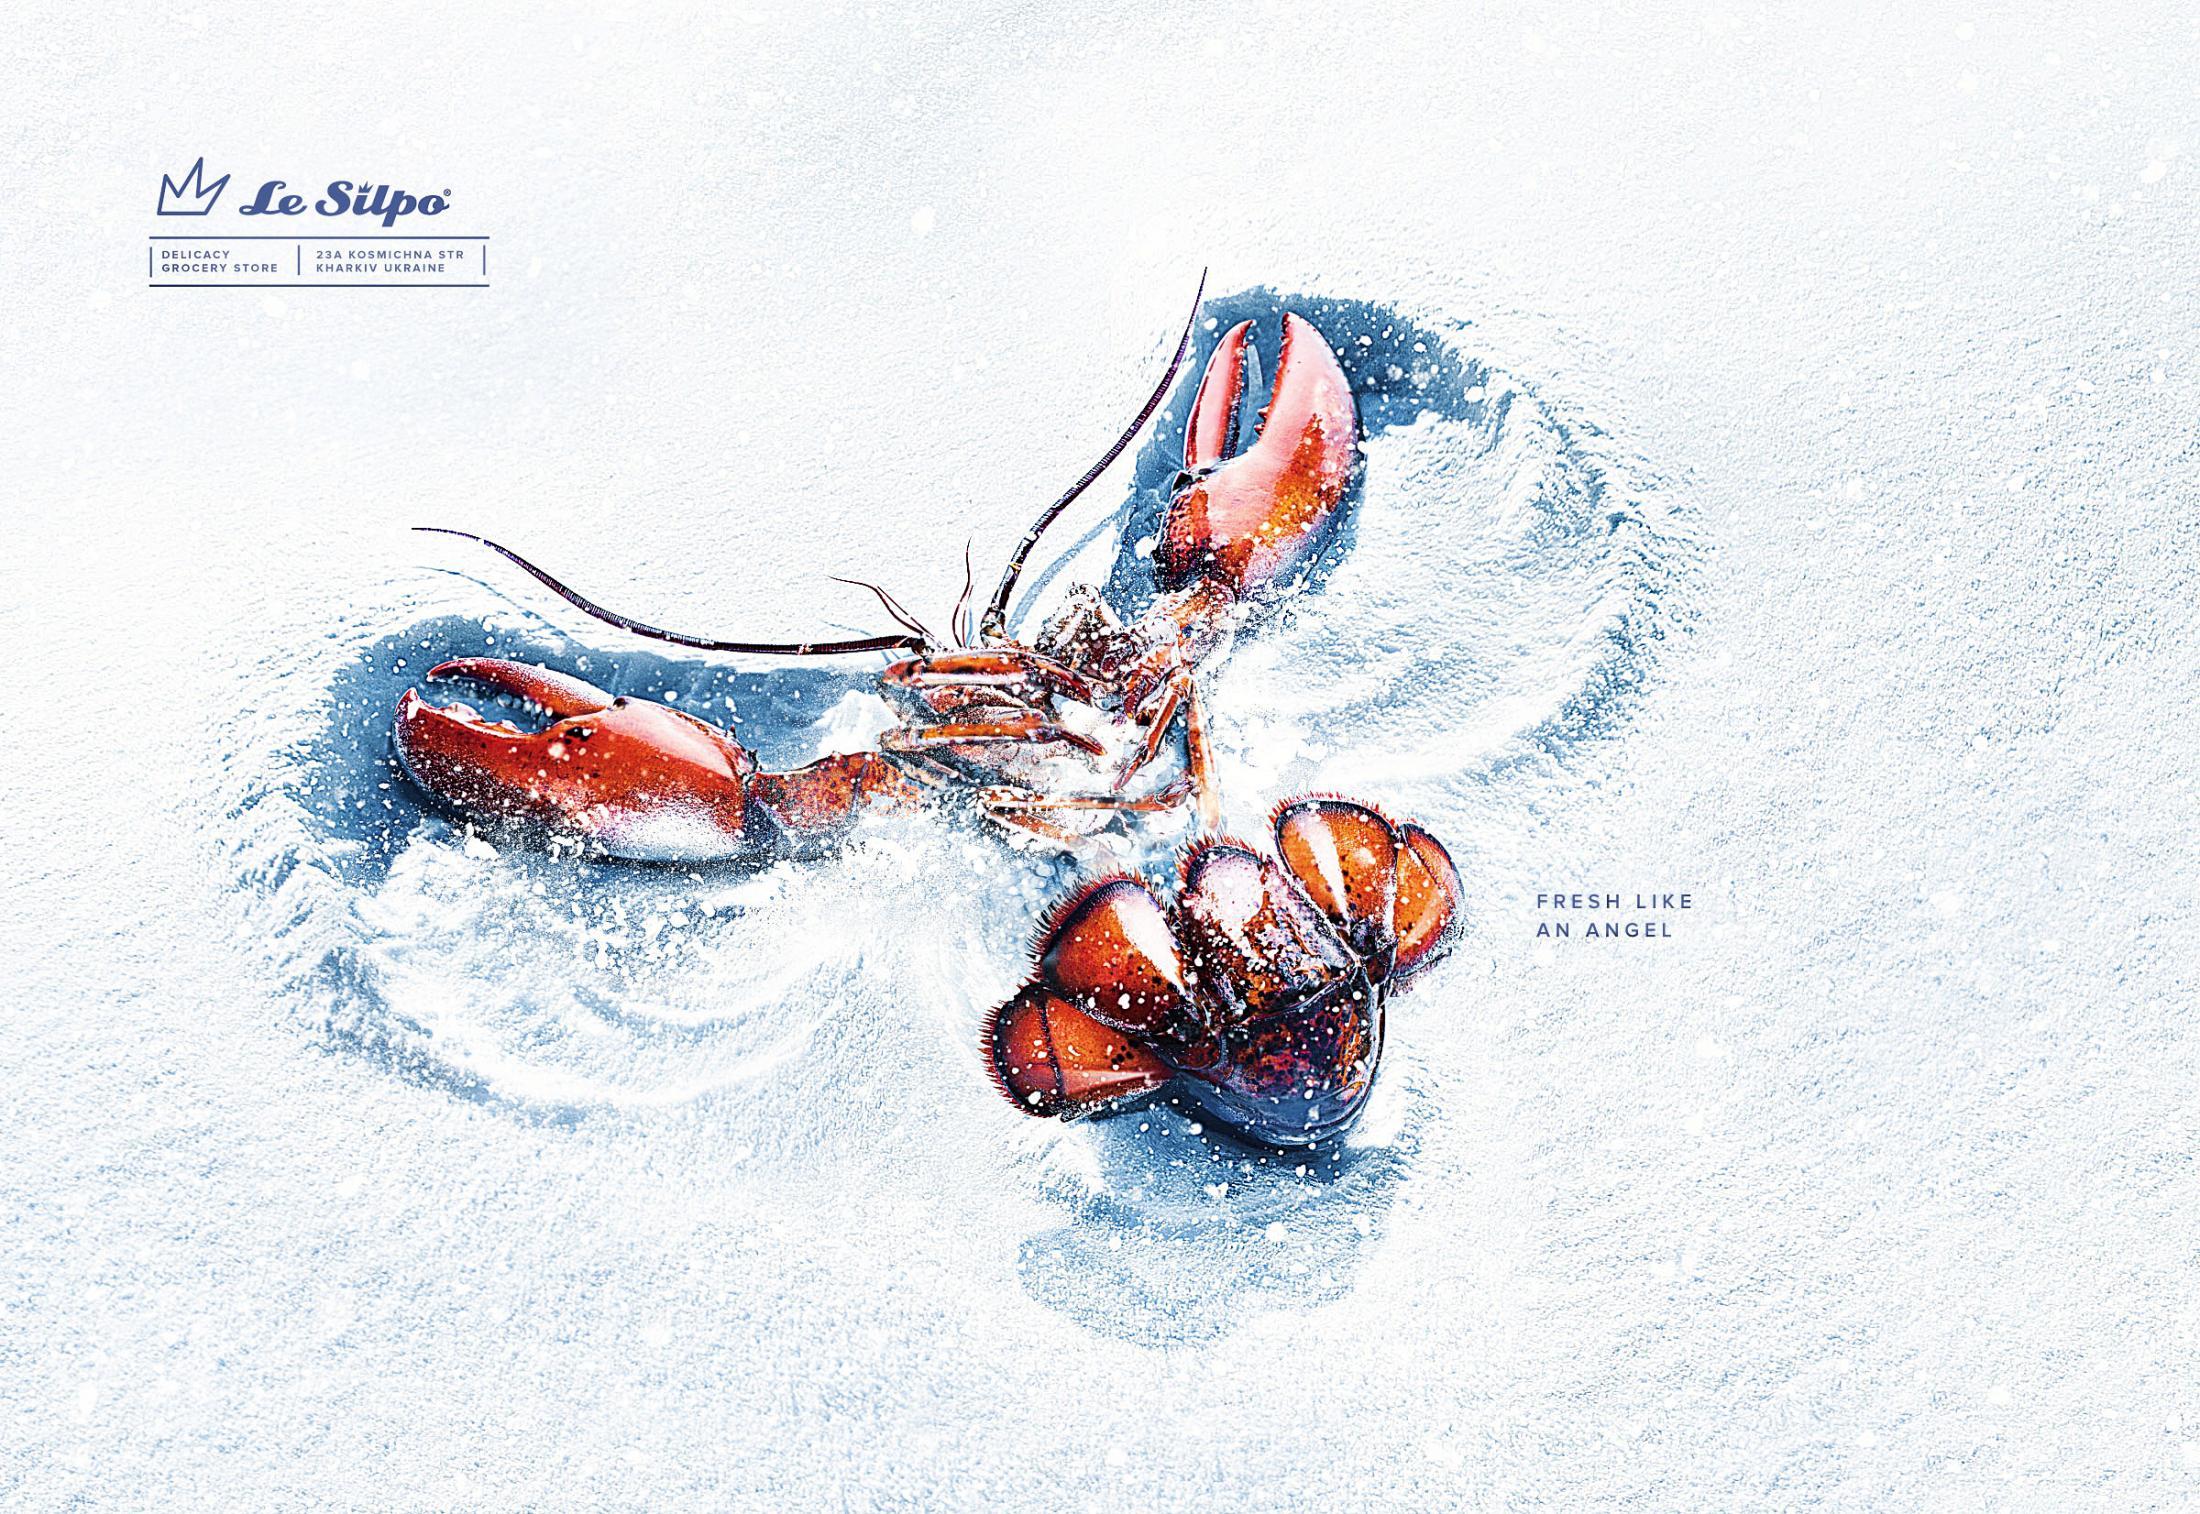 Bon courage aux Parisiens : les 80 publicités les plus créatives sur la Neige #neigeparis 46